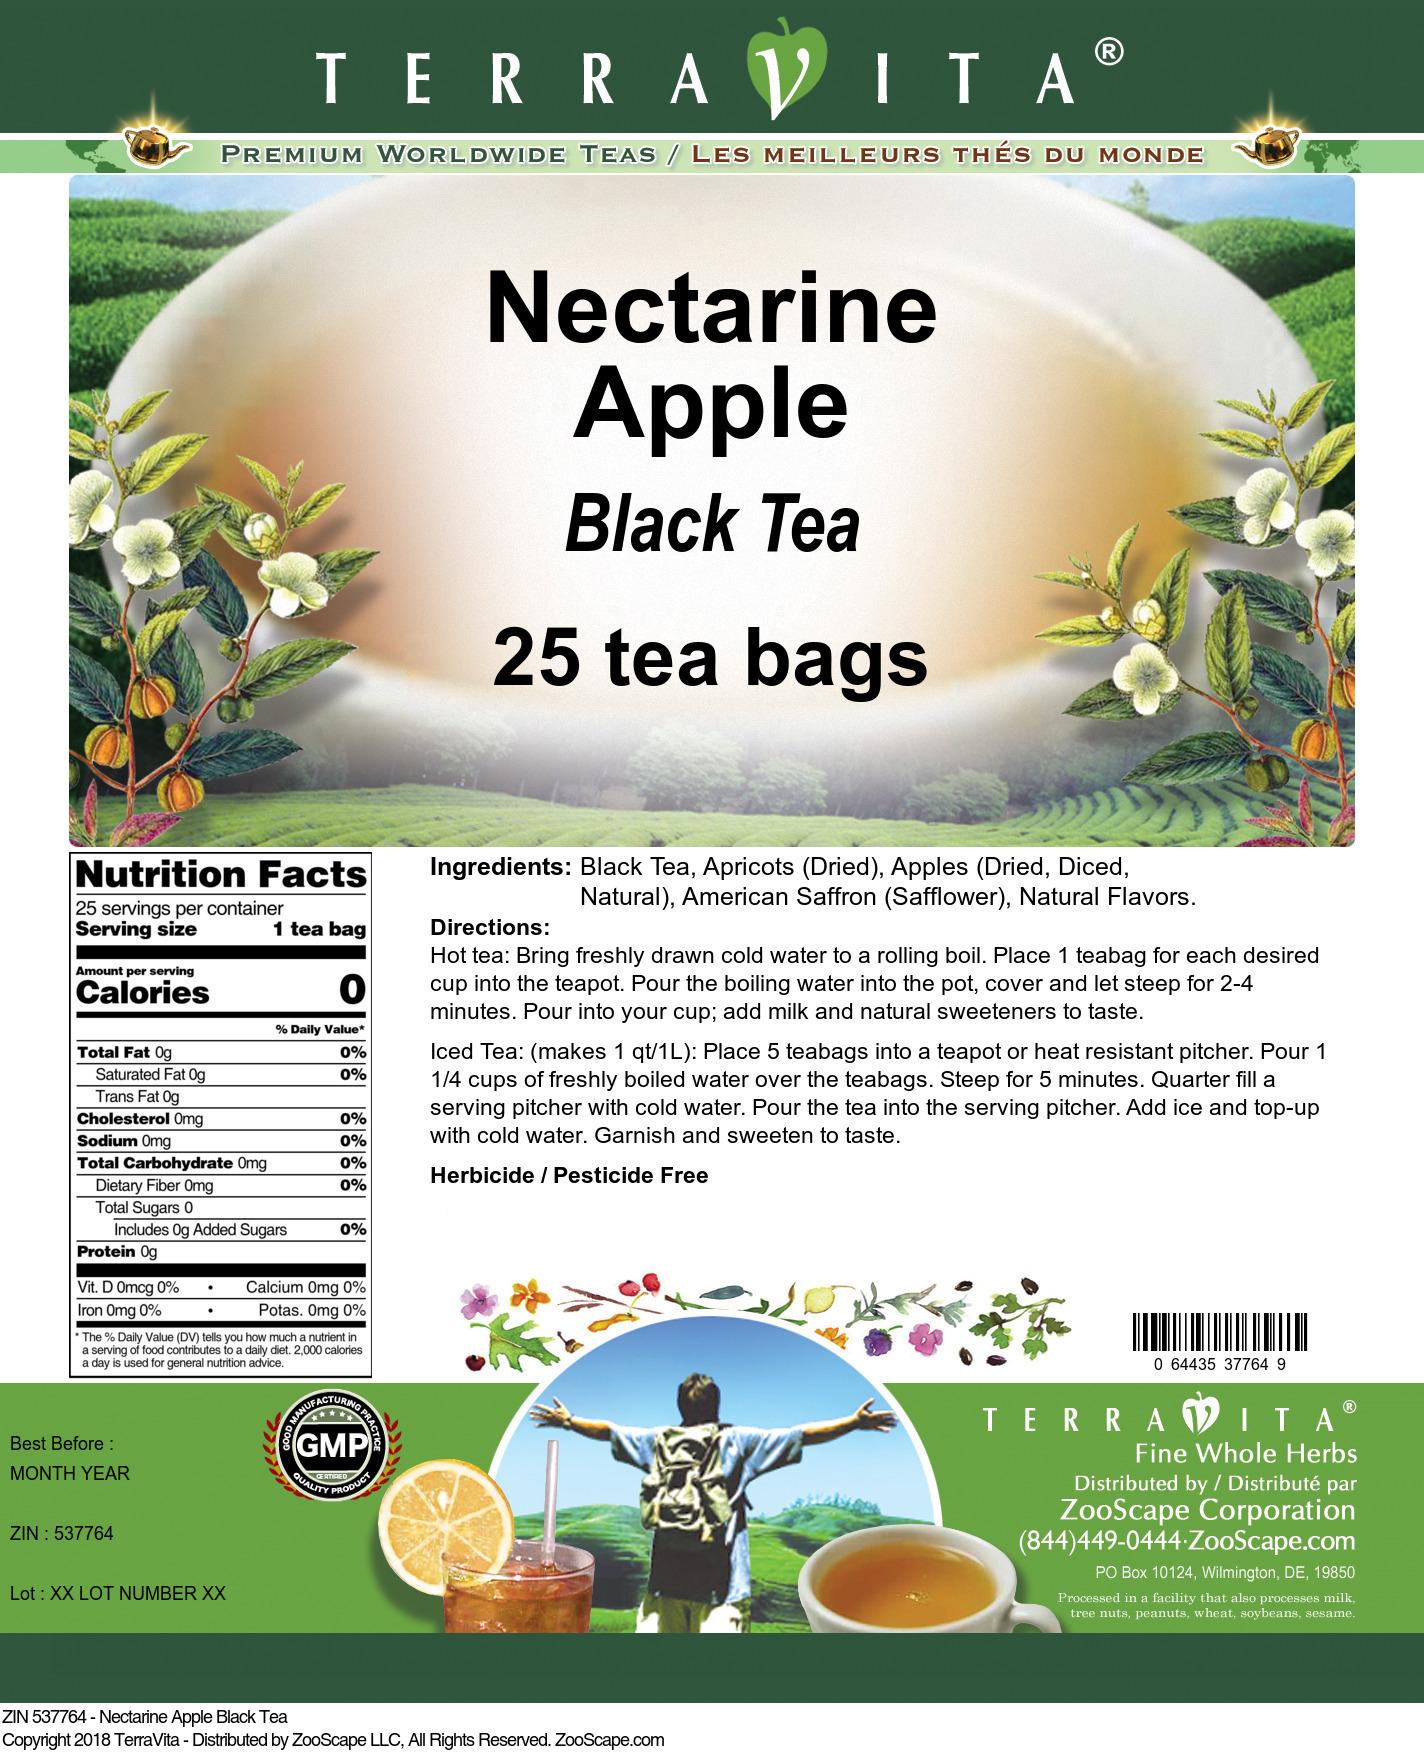 Nectarine Apple Black Tea